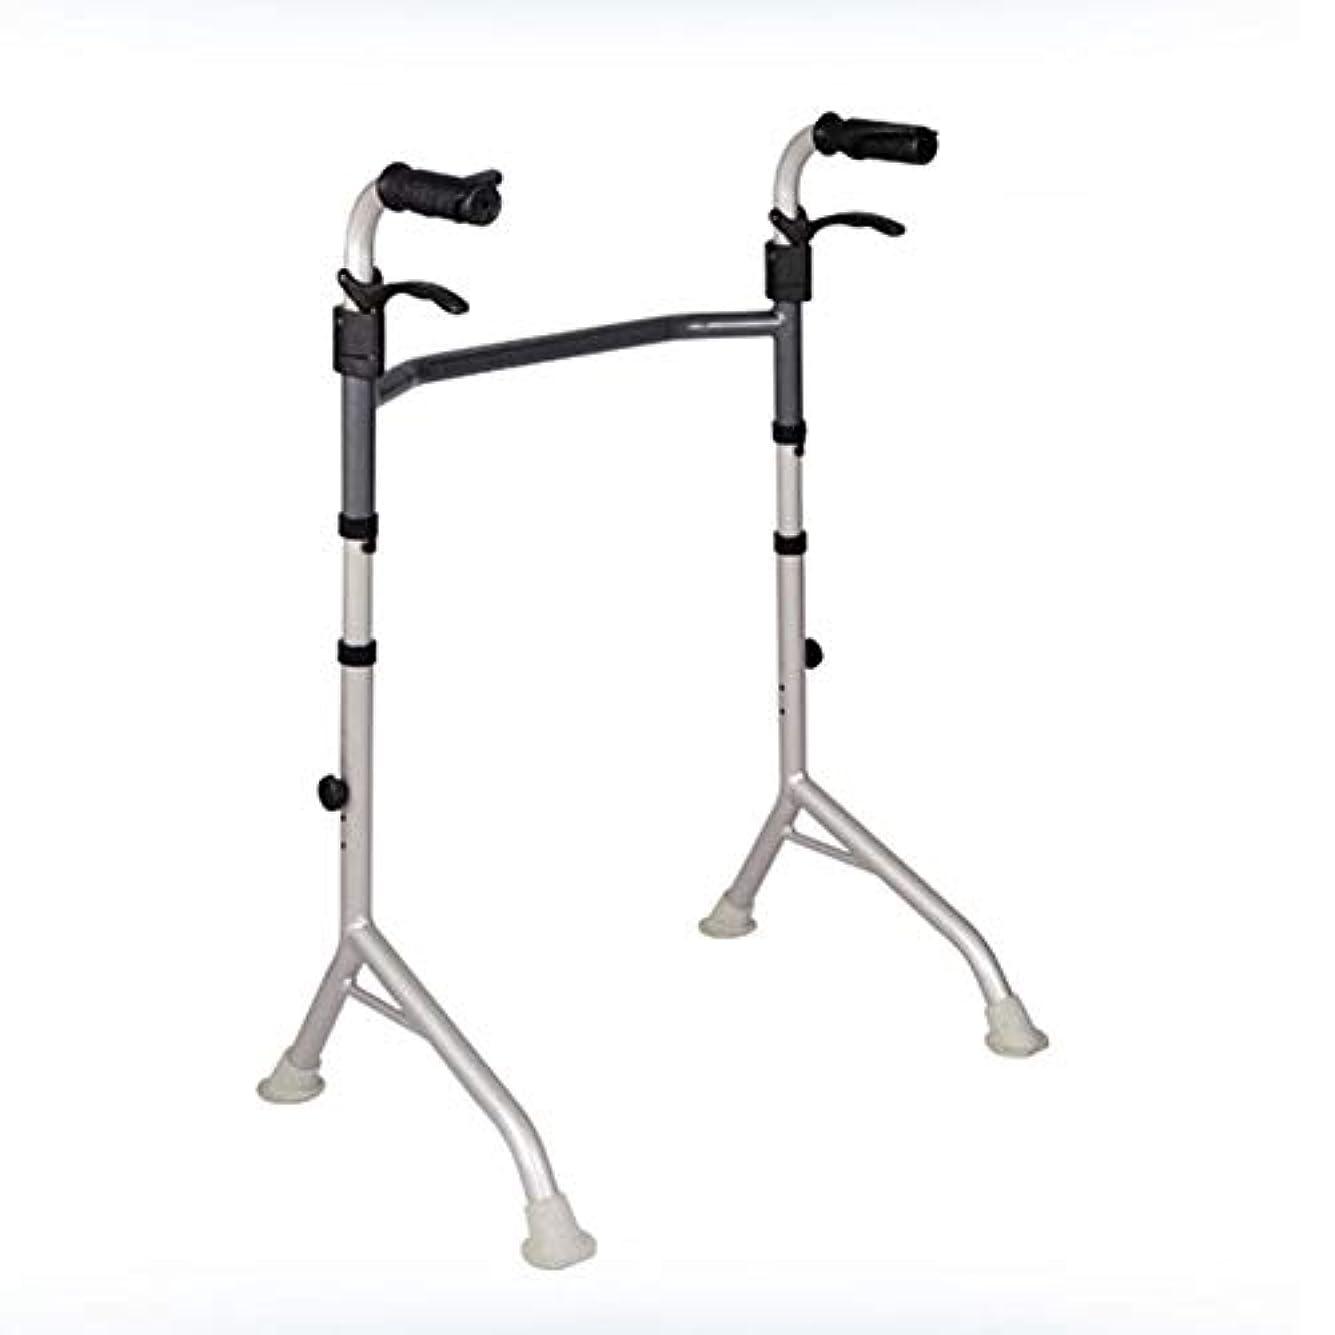 四脚歩行器、高齢者歩行フレーム、リハビリテーション立ちアームレスト、歩行補助